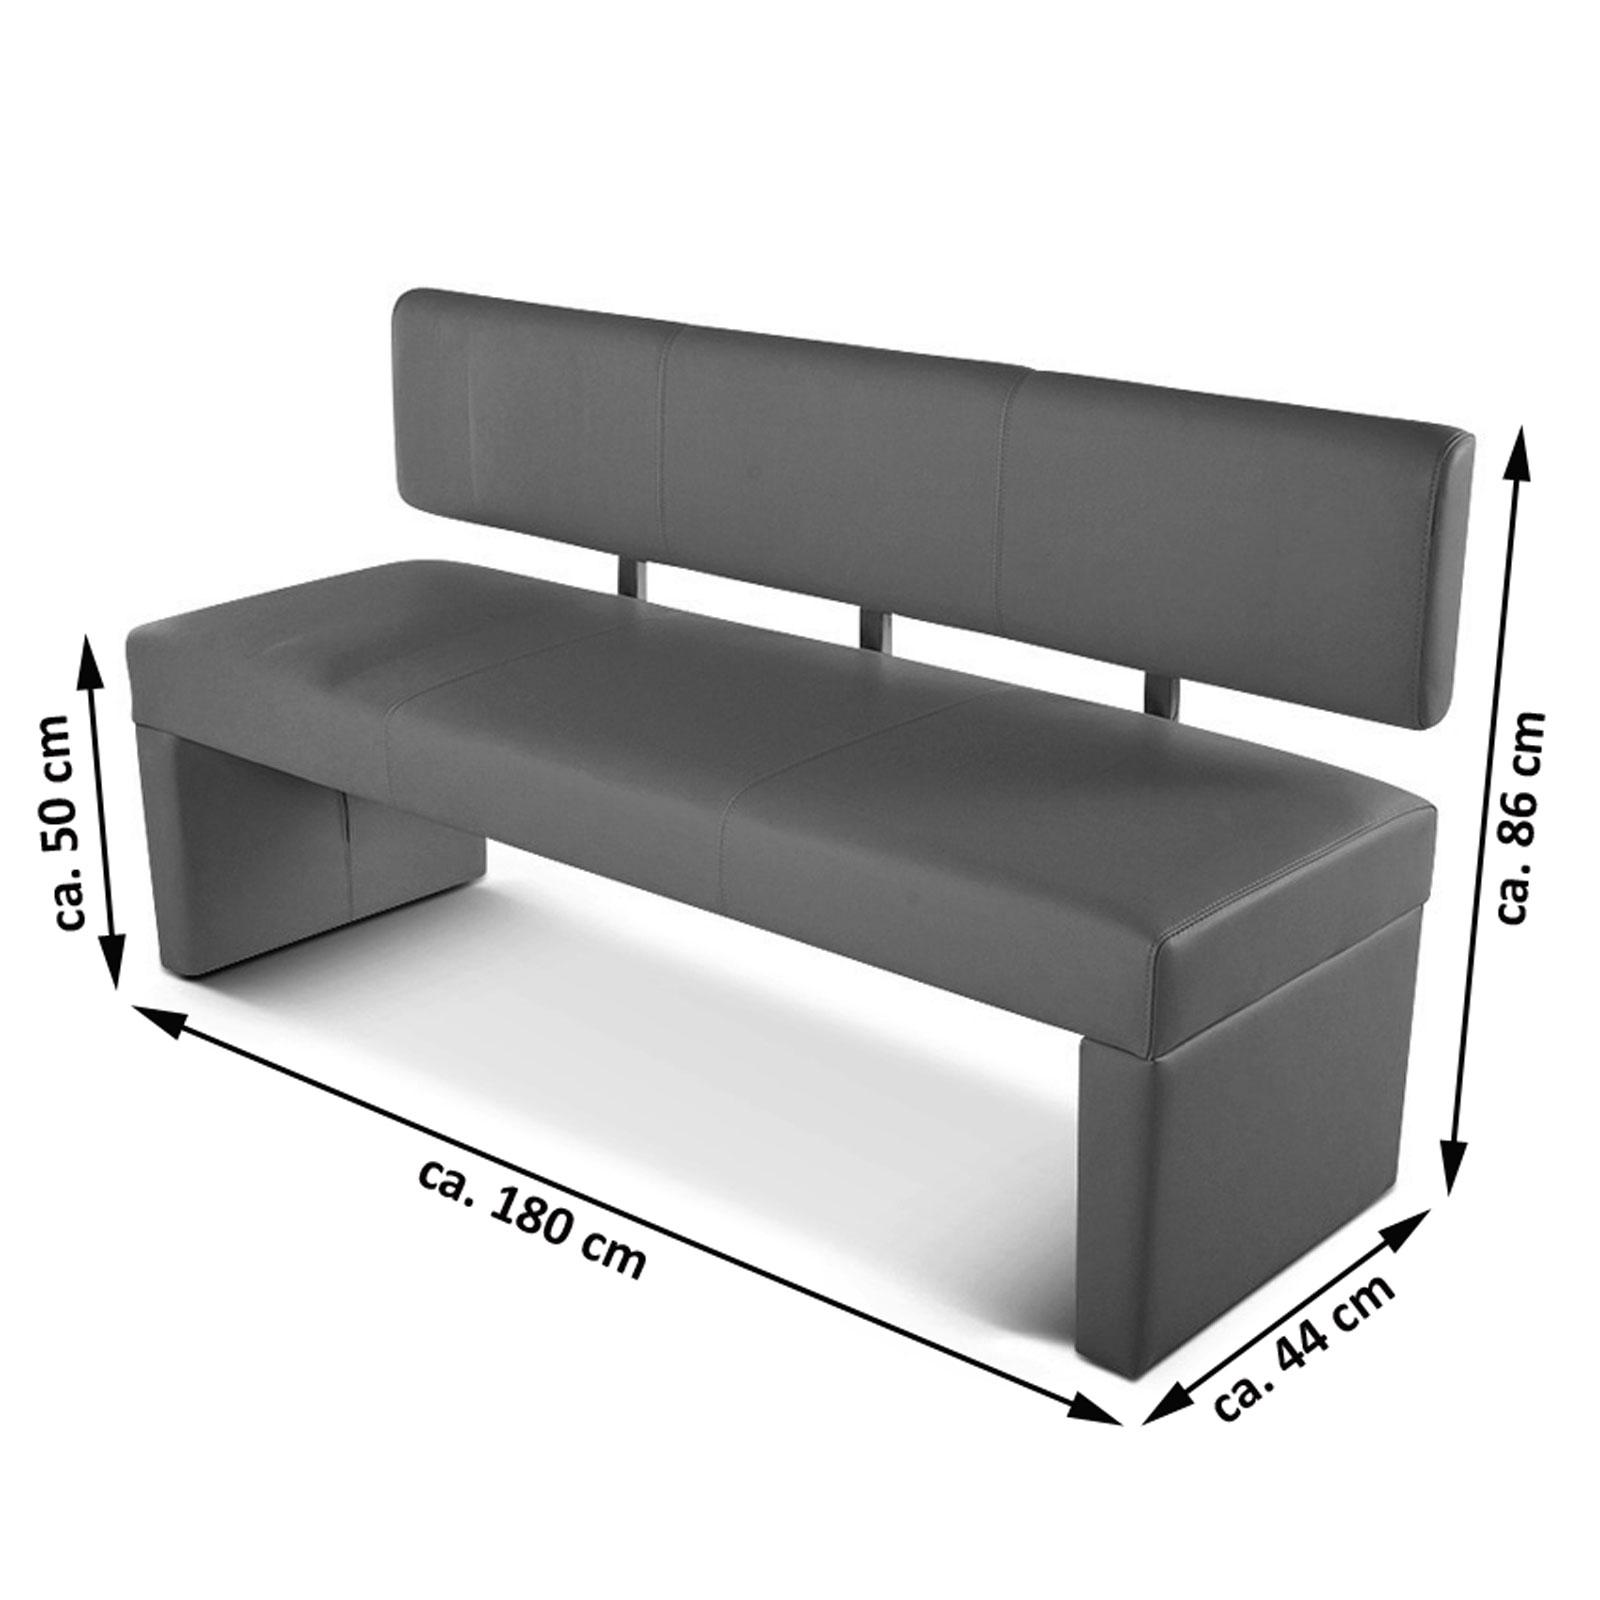 sam sitzbank mit lehne 180 cm stoffbezug wildleder. Black Bedroom Furniture Sets. Home Design Ideas